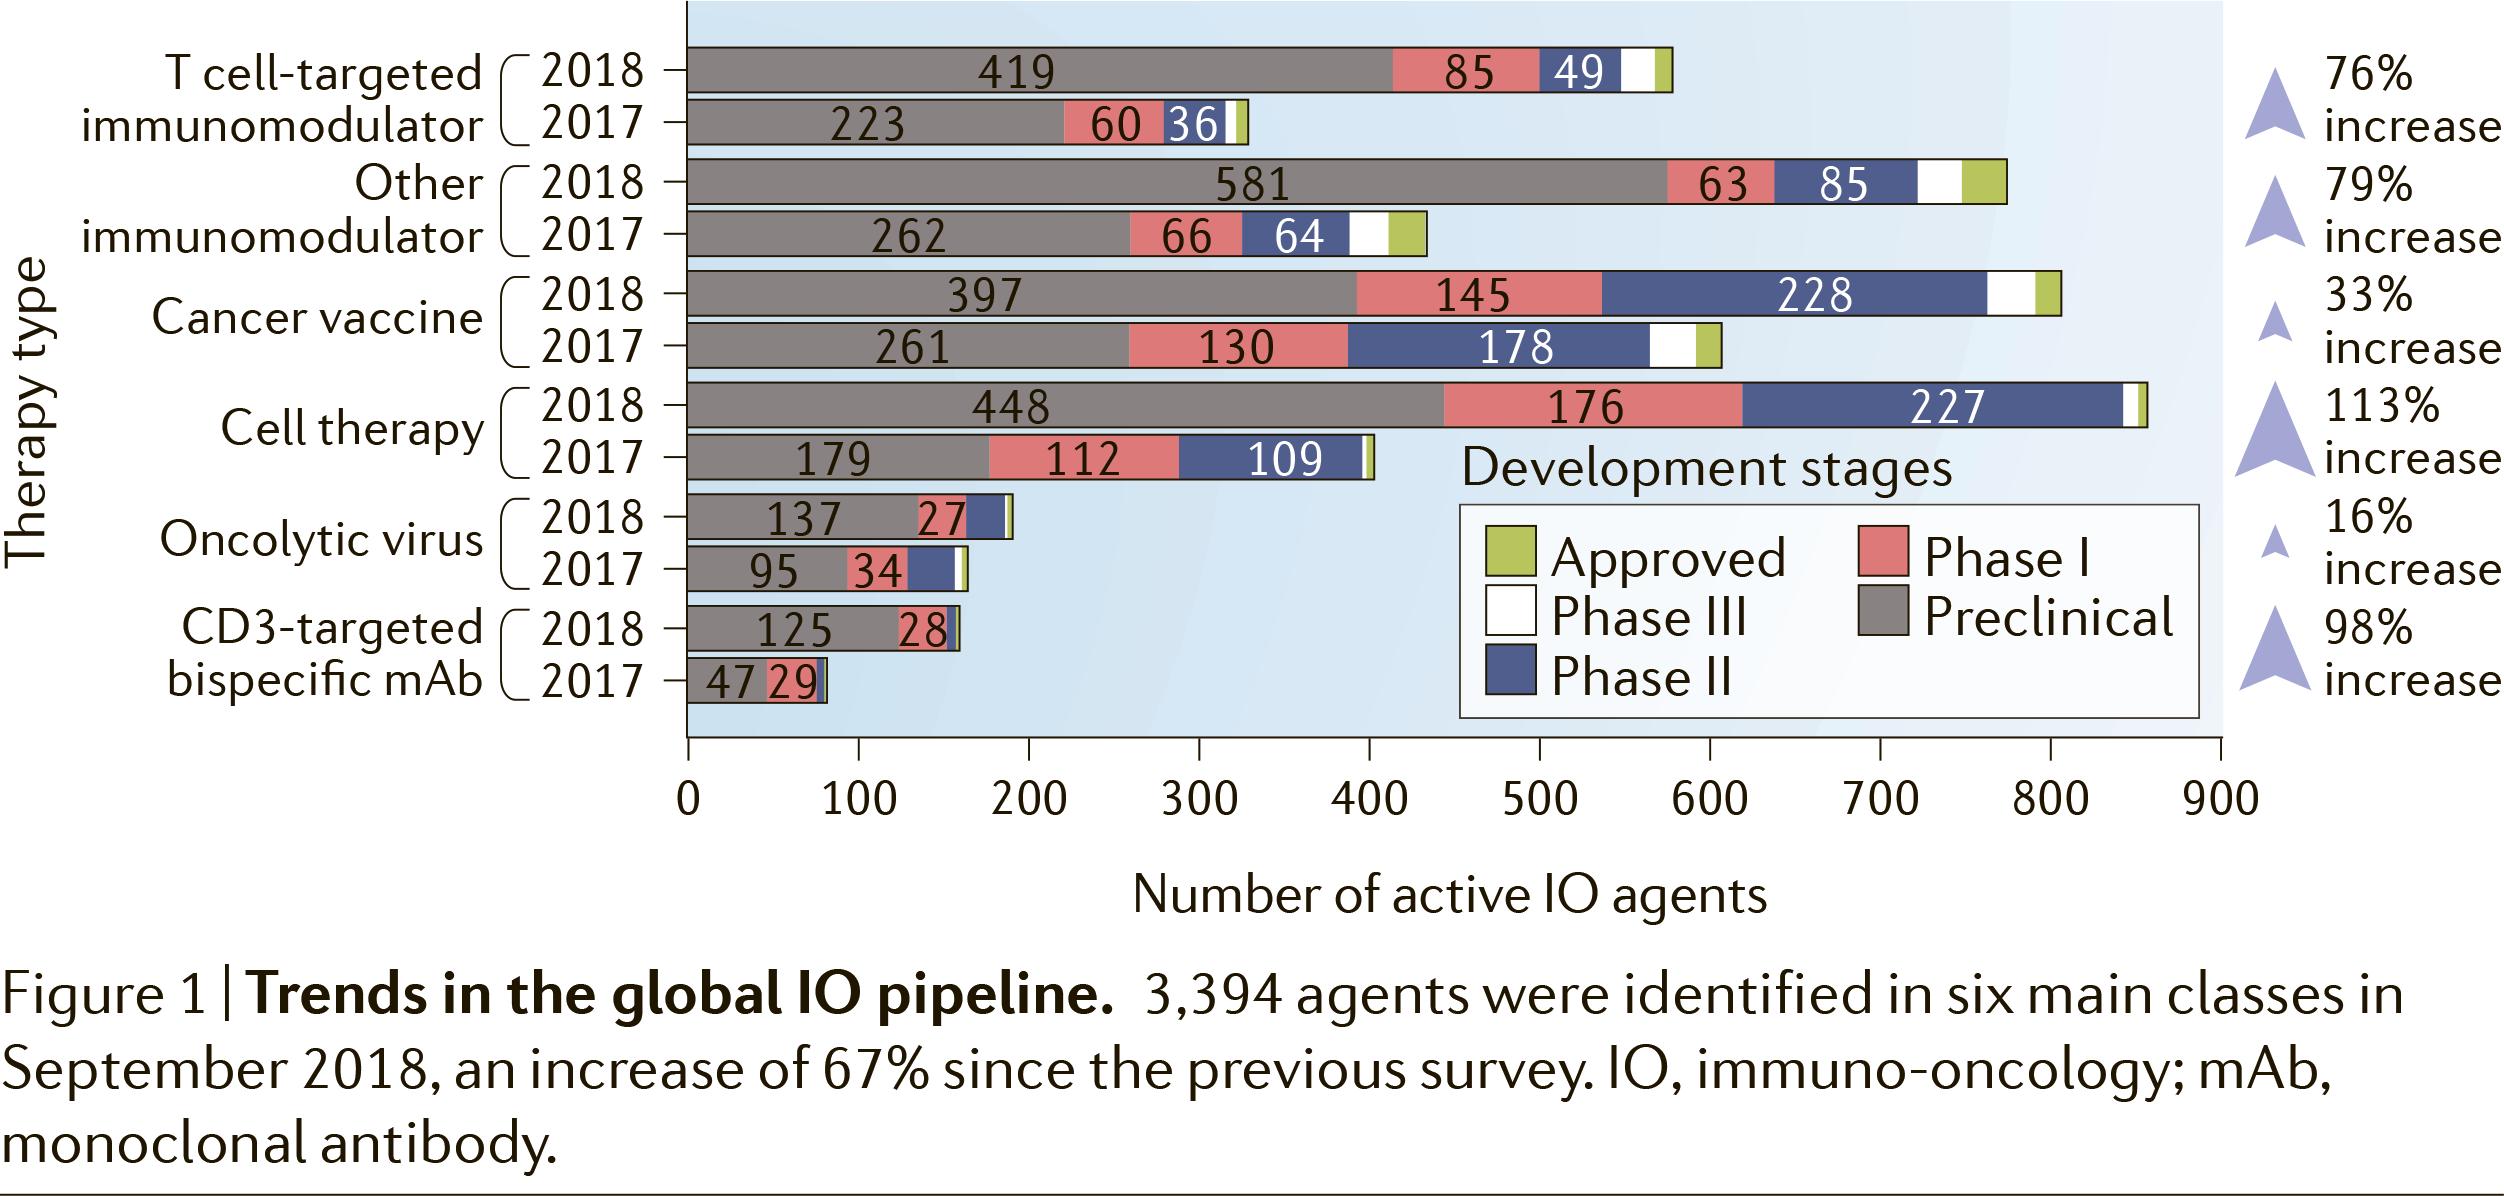 immune oncology landscape - AstraZeneca вкусит усиленные онколитические вирусы